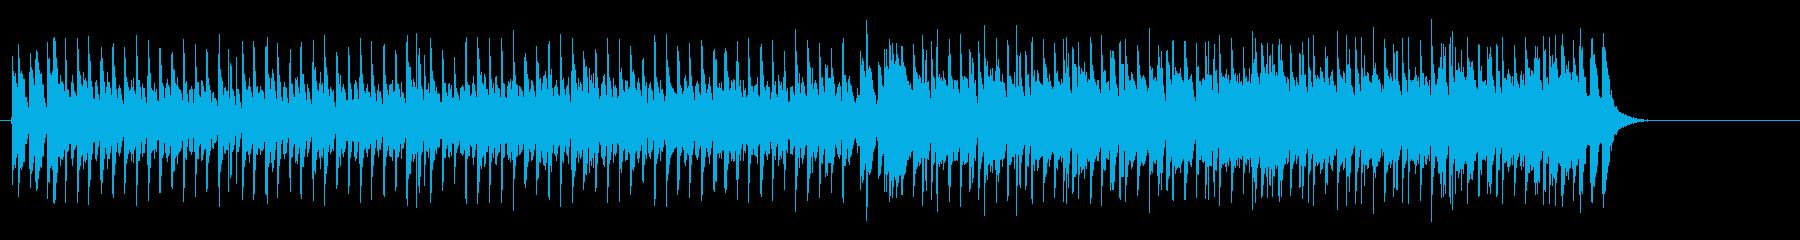 定番BGM風メインストリーム・ポップスの再生済みの波形